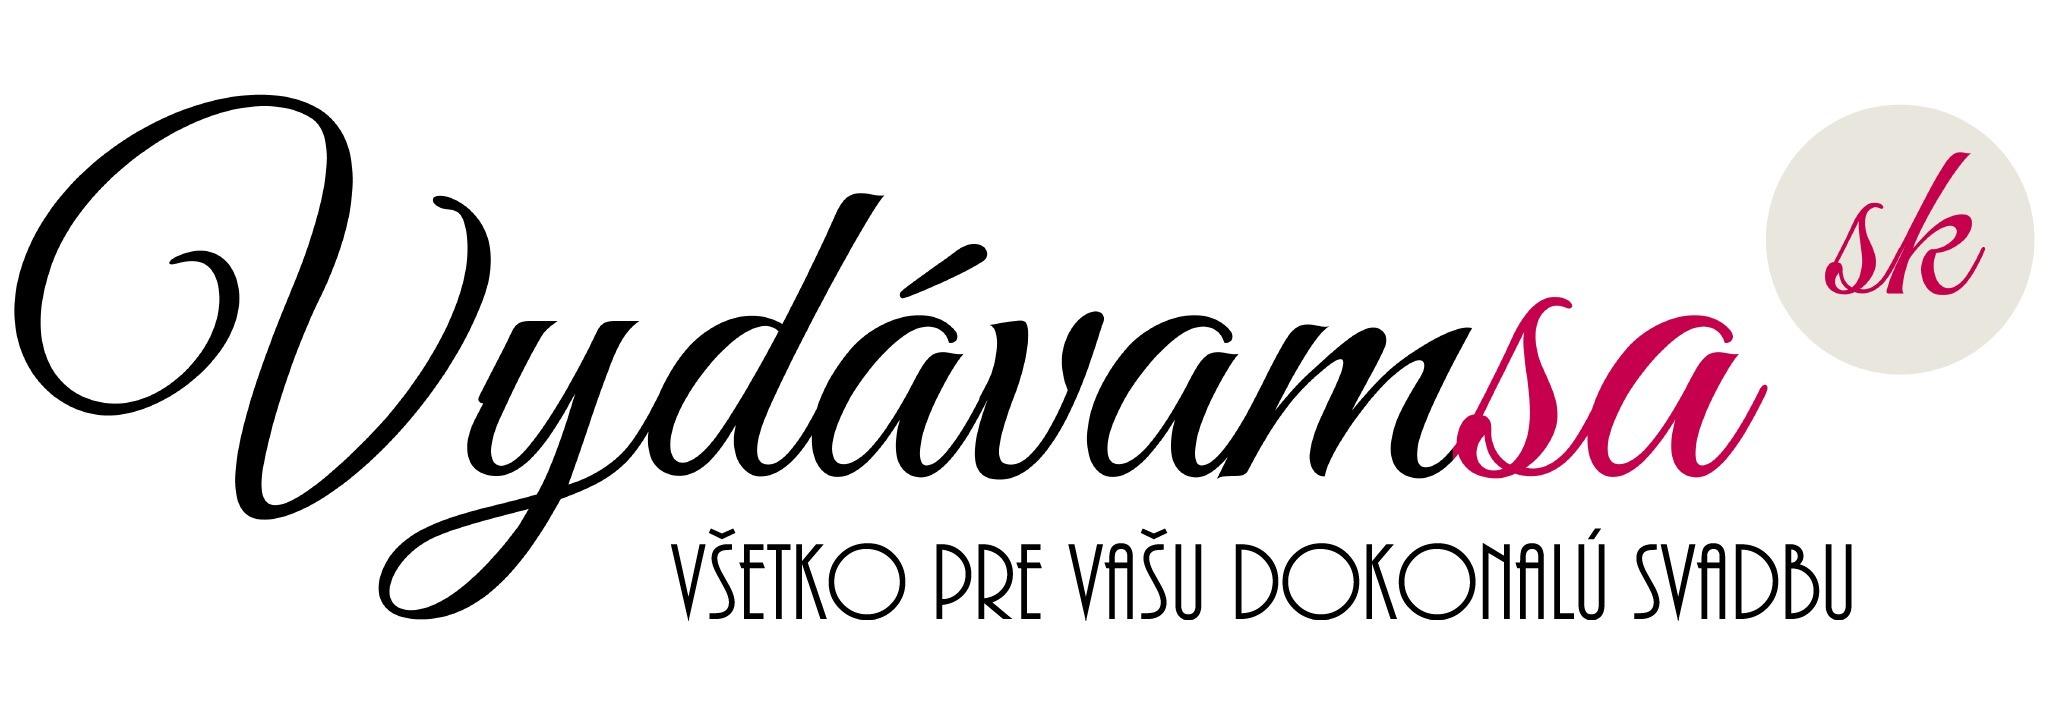 Vydavamsa.sk